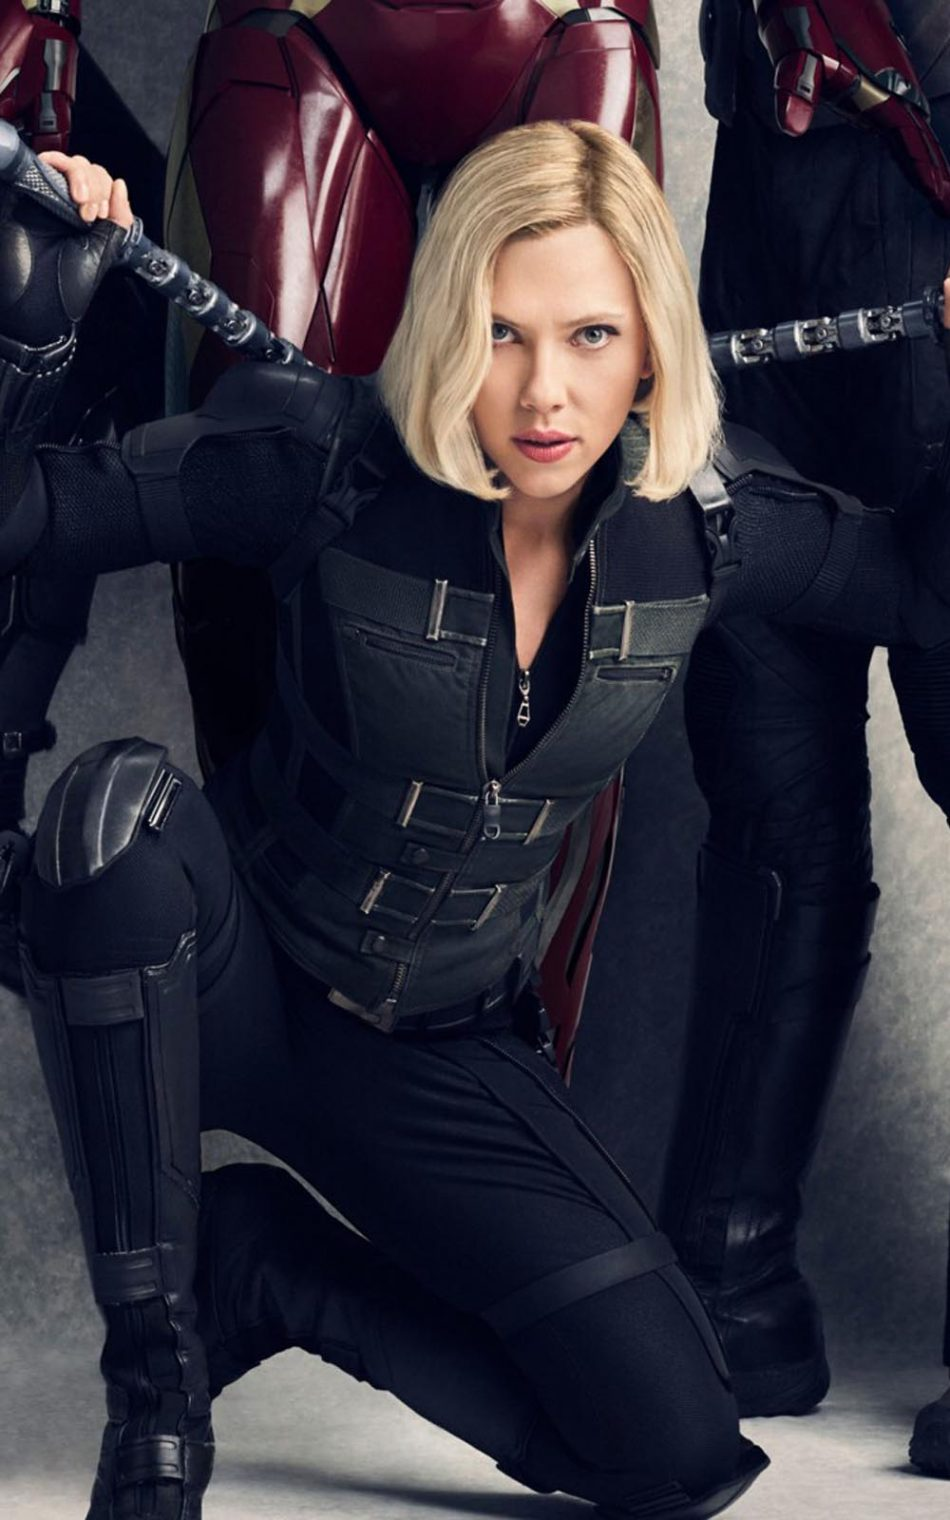 Scarlett Johansson In Avengers Infinity War 4k Ultra Hd Mobile Wallpaper